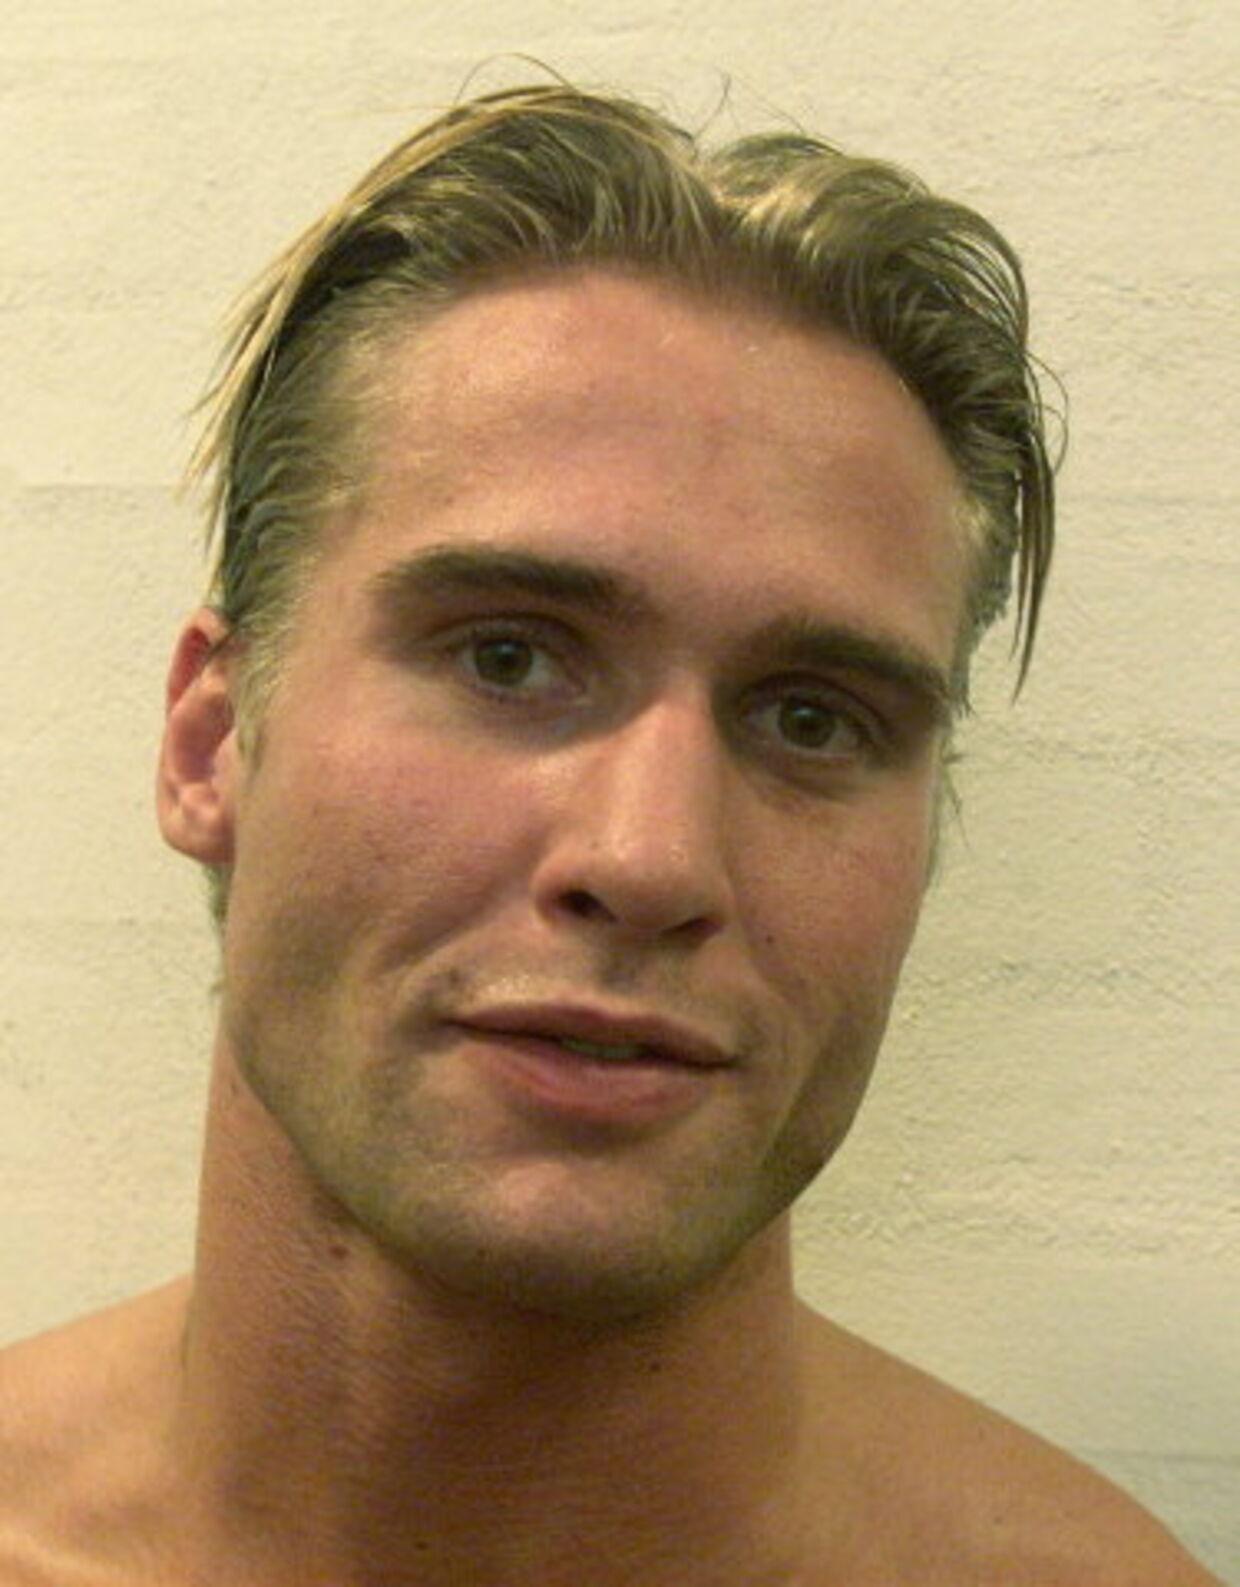 KNOCKOUT: Simon Welms, den tidligere Stald Palle-bokser, fik fordoblet sin straf til et års fængsel. Foto: Bent K. Rasmussen